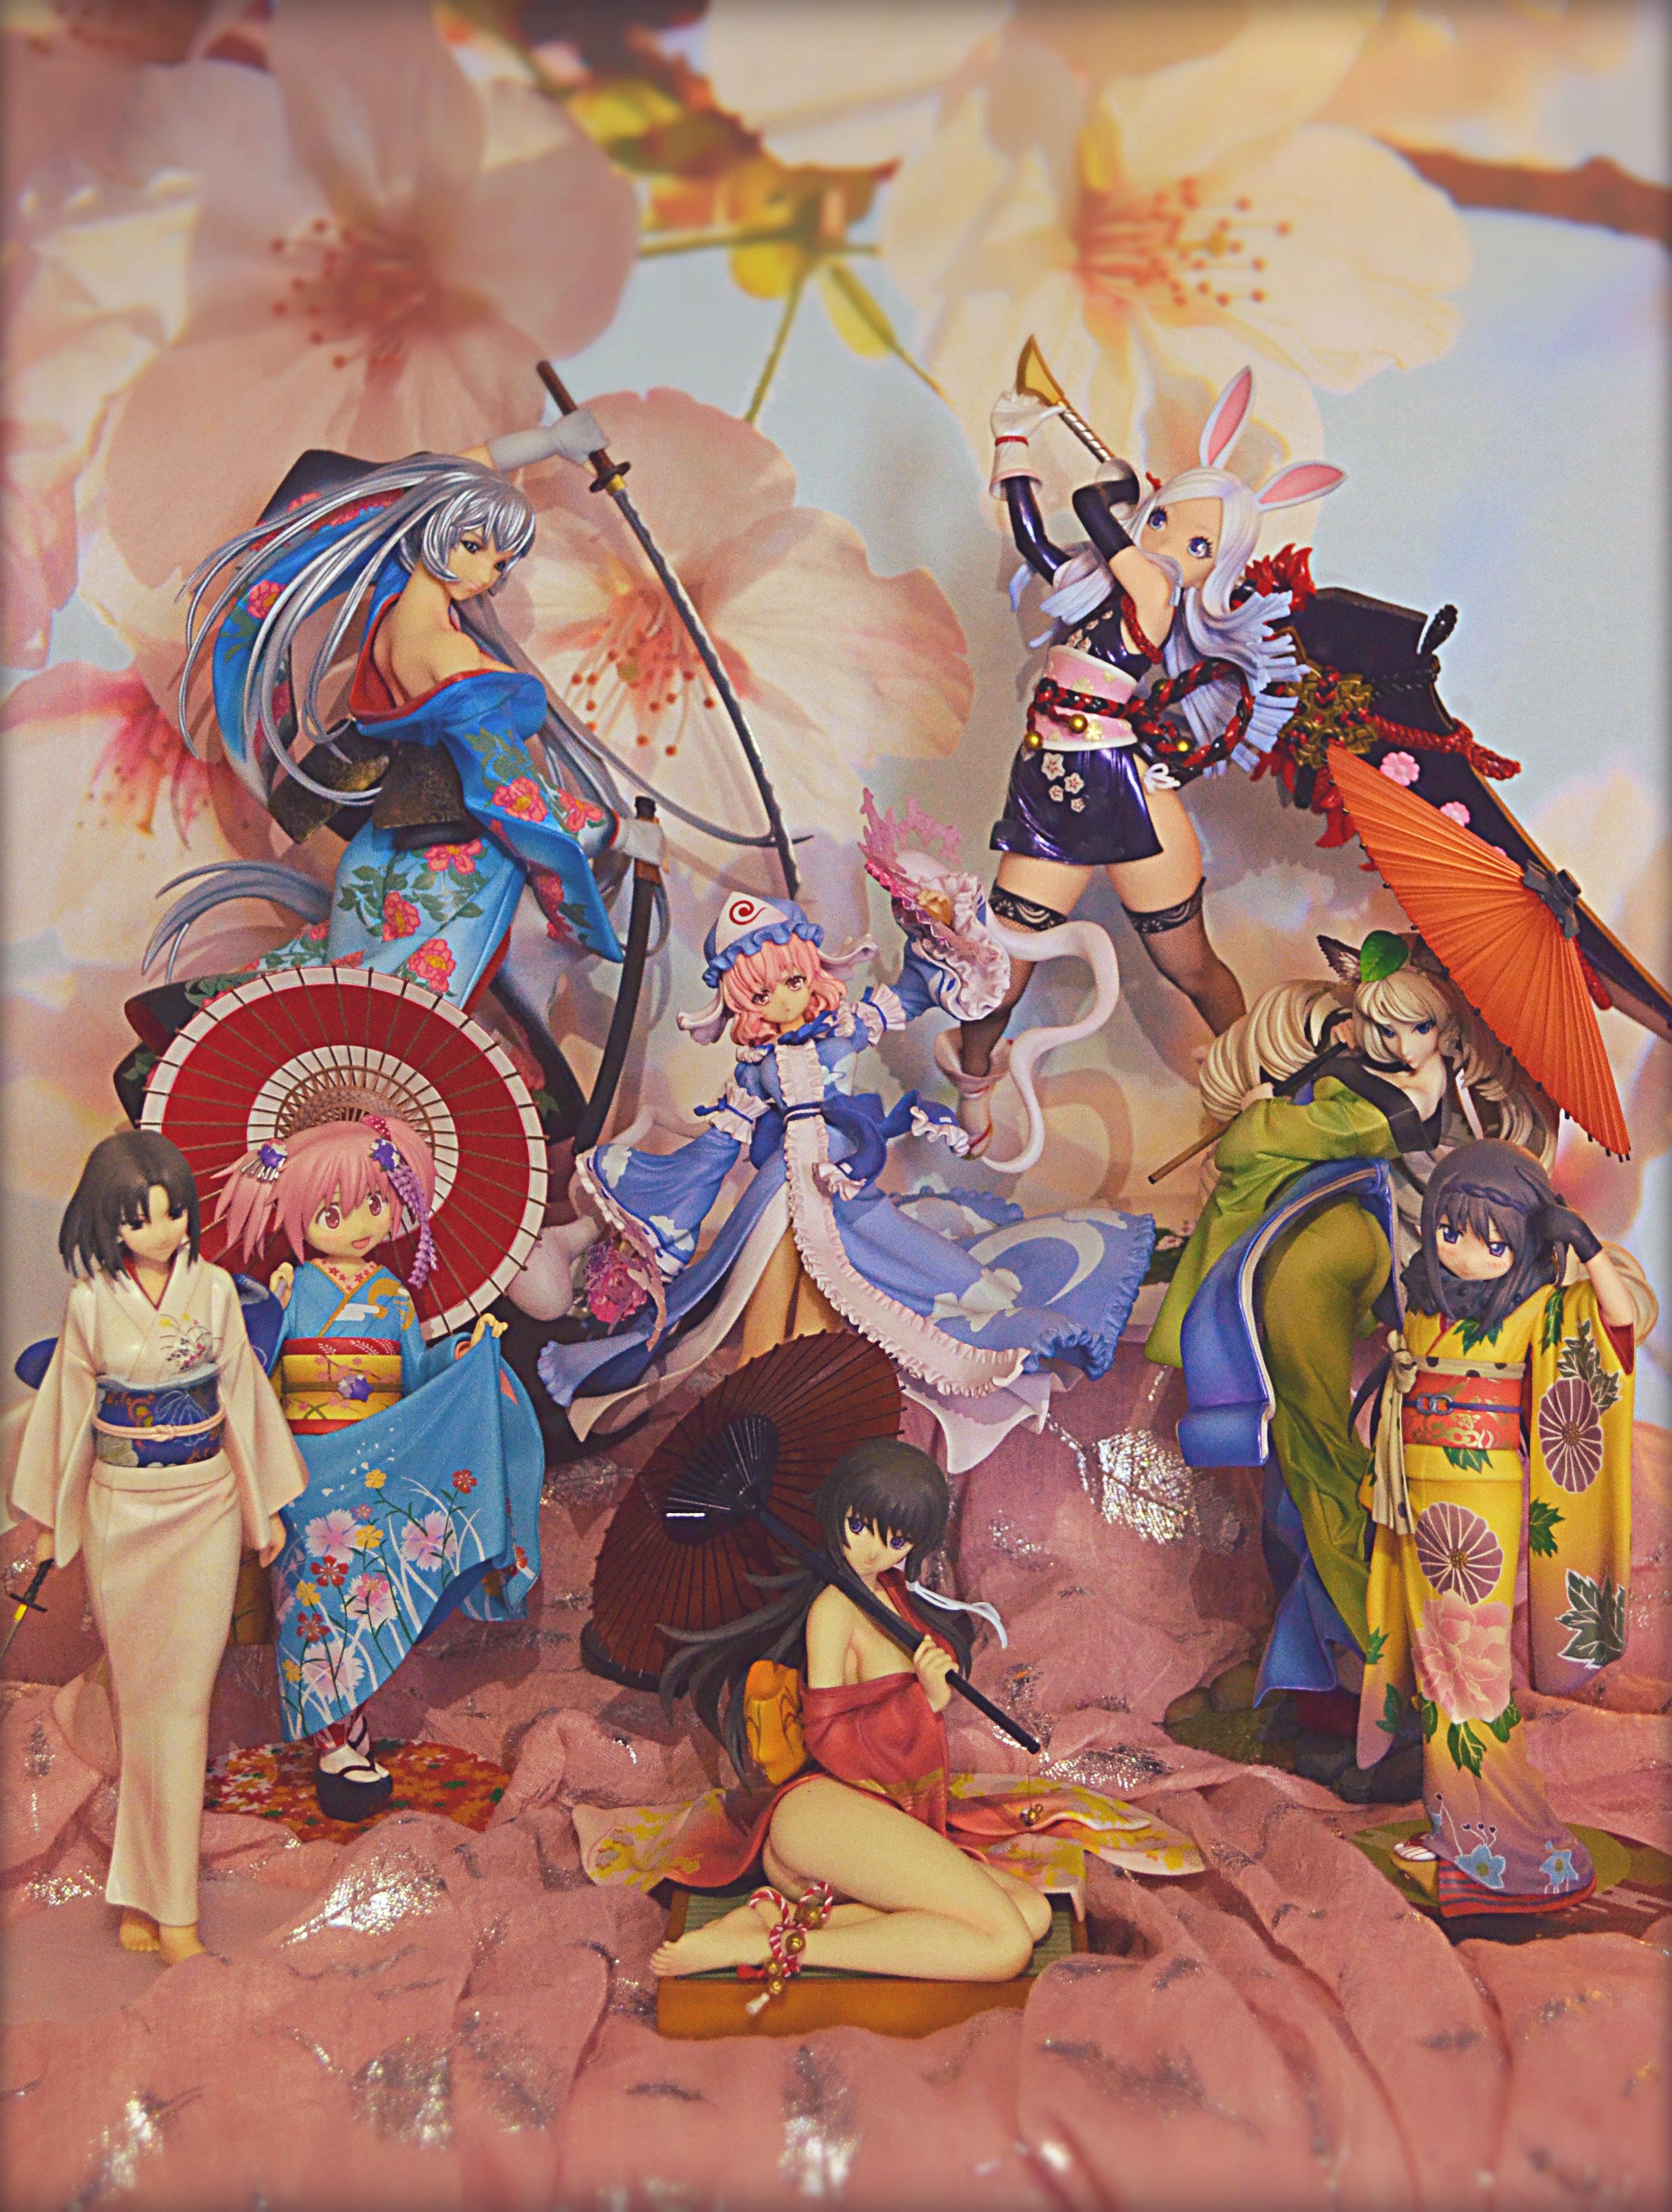 kotobukiya touhou_project alter beat type_moon ryougi_shiki good_smile_company kara_no_kyoukai ikki_tousen saigyouji_yuyuko oboro_muramasa ques_q nendoron team_shanghai_alice nanashi âge kaname_madoka aniplex nakayama_eiji french_doll akemi_homura ganyon anima muv-luv_alternative_total_eclipse takamura_yui ufotable nasu_kinoko keroriso iizuki_tasuku miyajima_katsuyoshi chouun_shiryuu george_kamitani elin 6u☆ tanaka_sen'u tera:_the_exiled_realm_of_arborea yuzuruha nakamura_naoto gekijouban_mahou_shoujo_madoka★magica yoshikuni_kei stronger flare hoshina_eimi wonder_festival_2013_[winter] dai_10_kai_hakurei_jinja_reitaisai wonder_festival_2016_[summer] marvelous_inc.